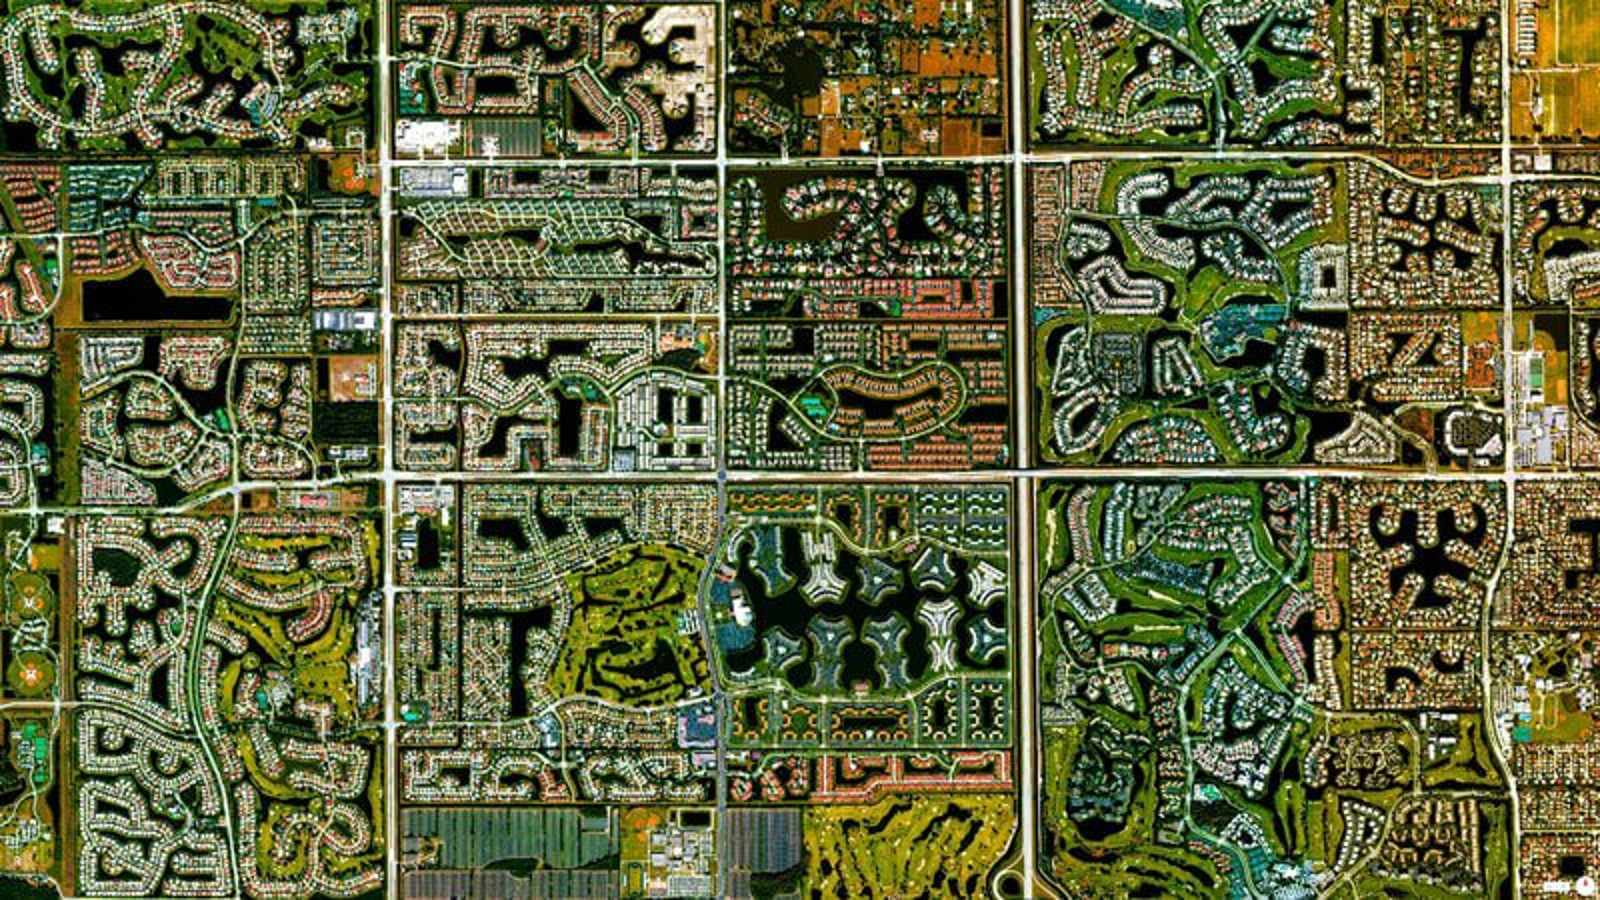 Vue satellite Boca Raton Floride